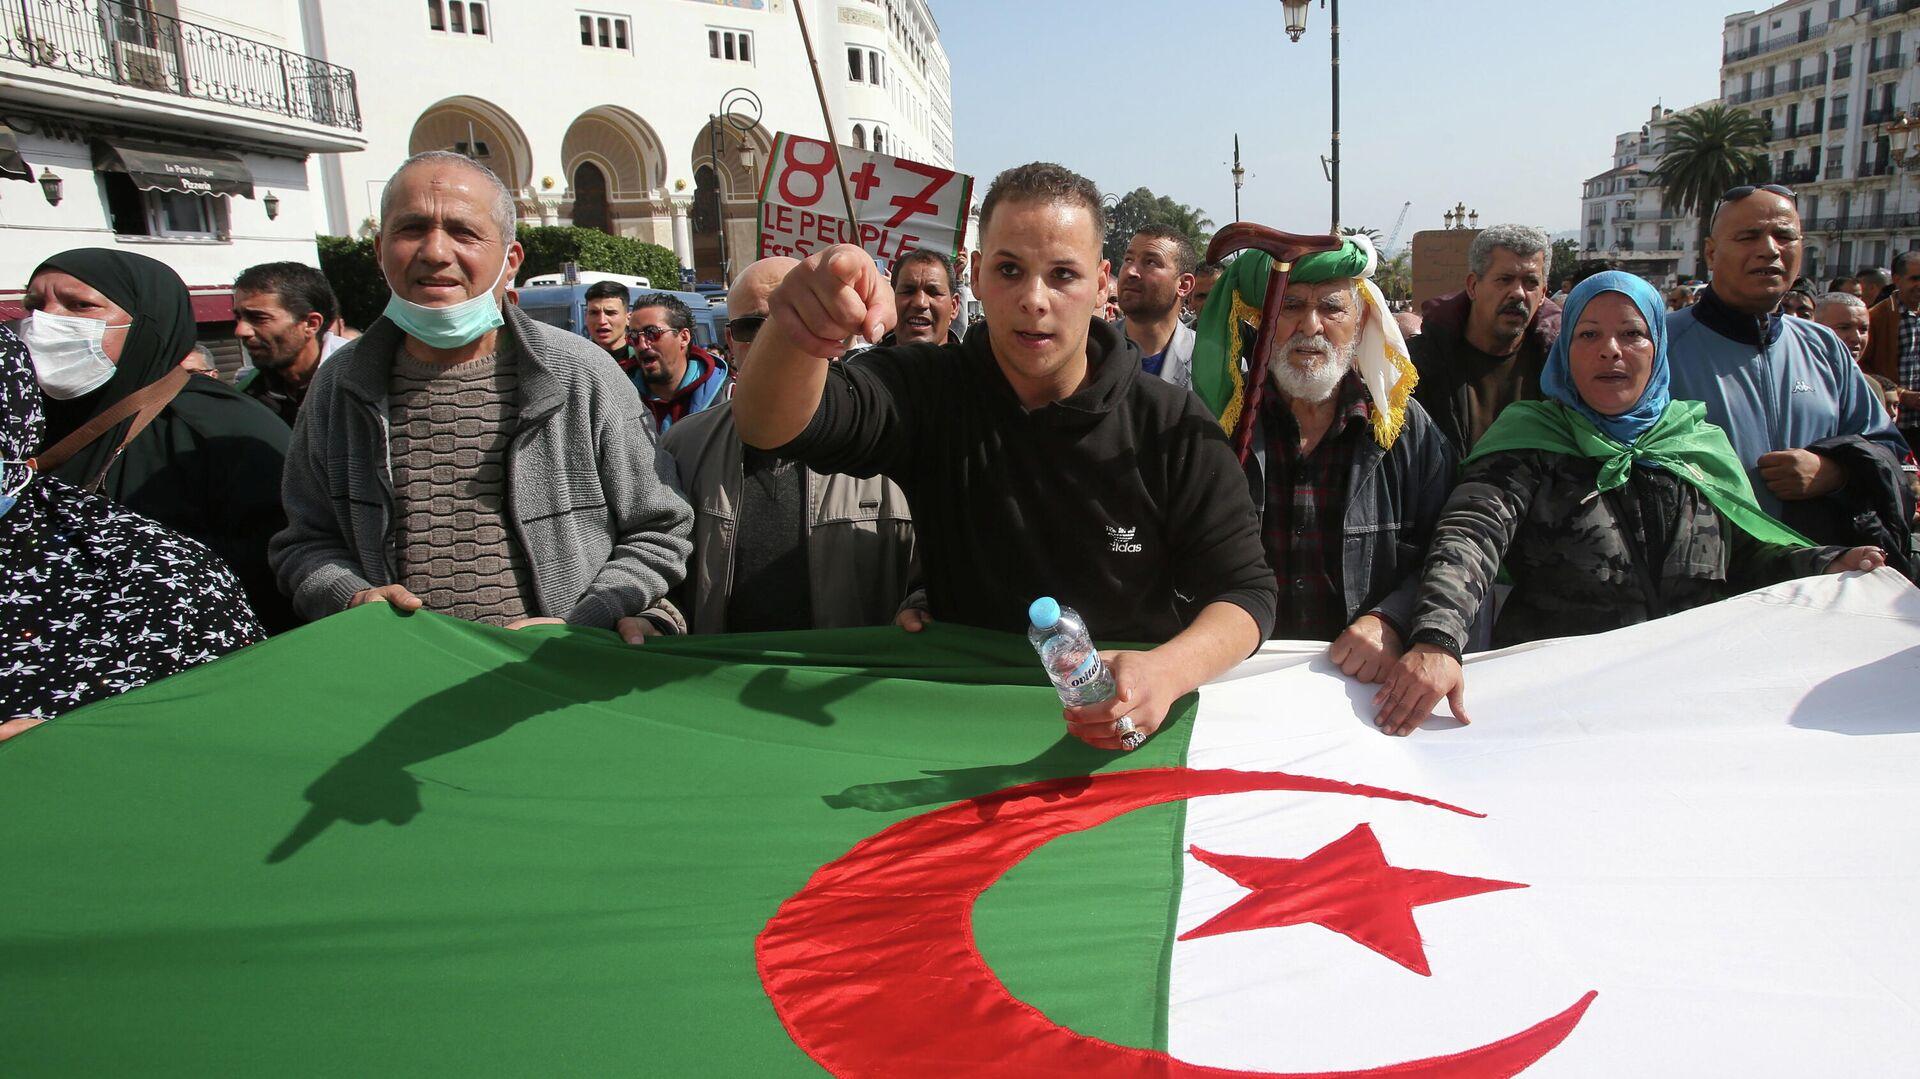 Участники марша протеста в Алжире, 5 марта 2021 - РИА Новости, 1920, 05.03.2021